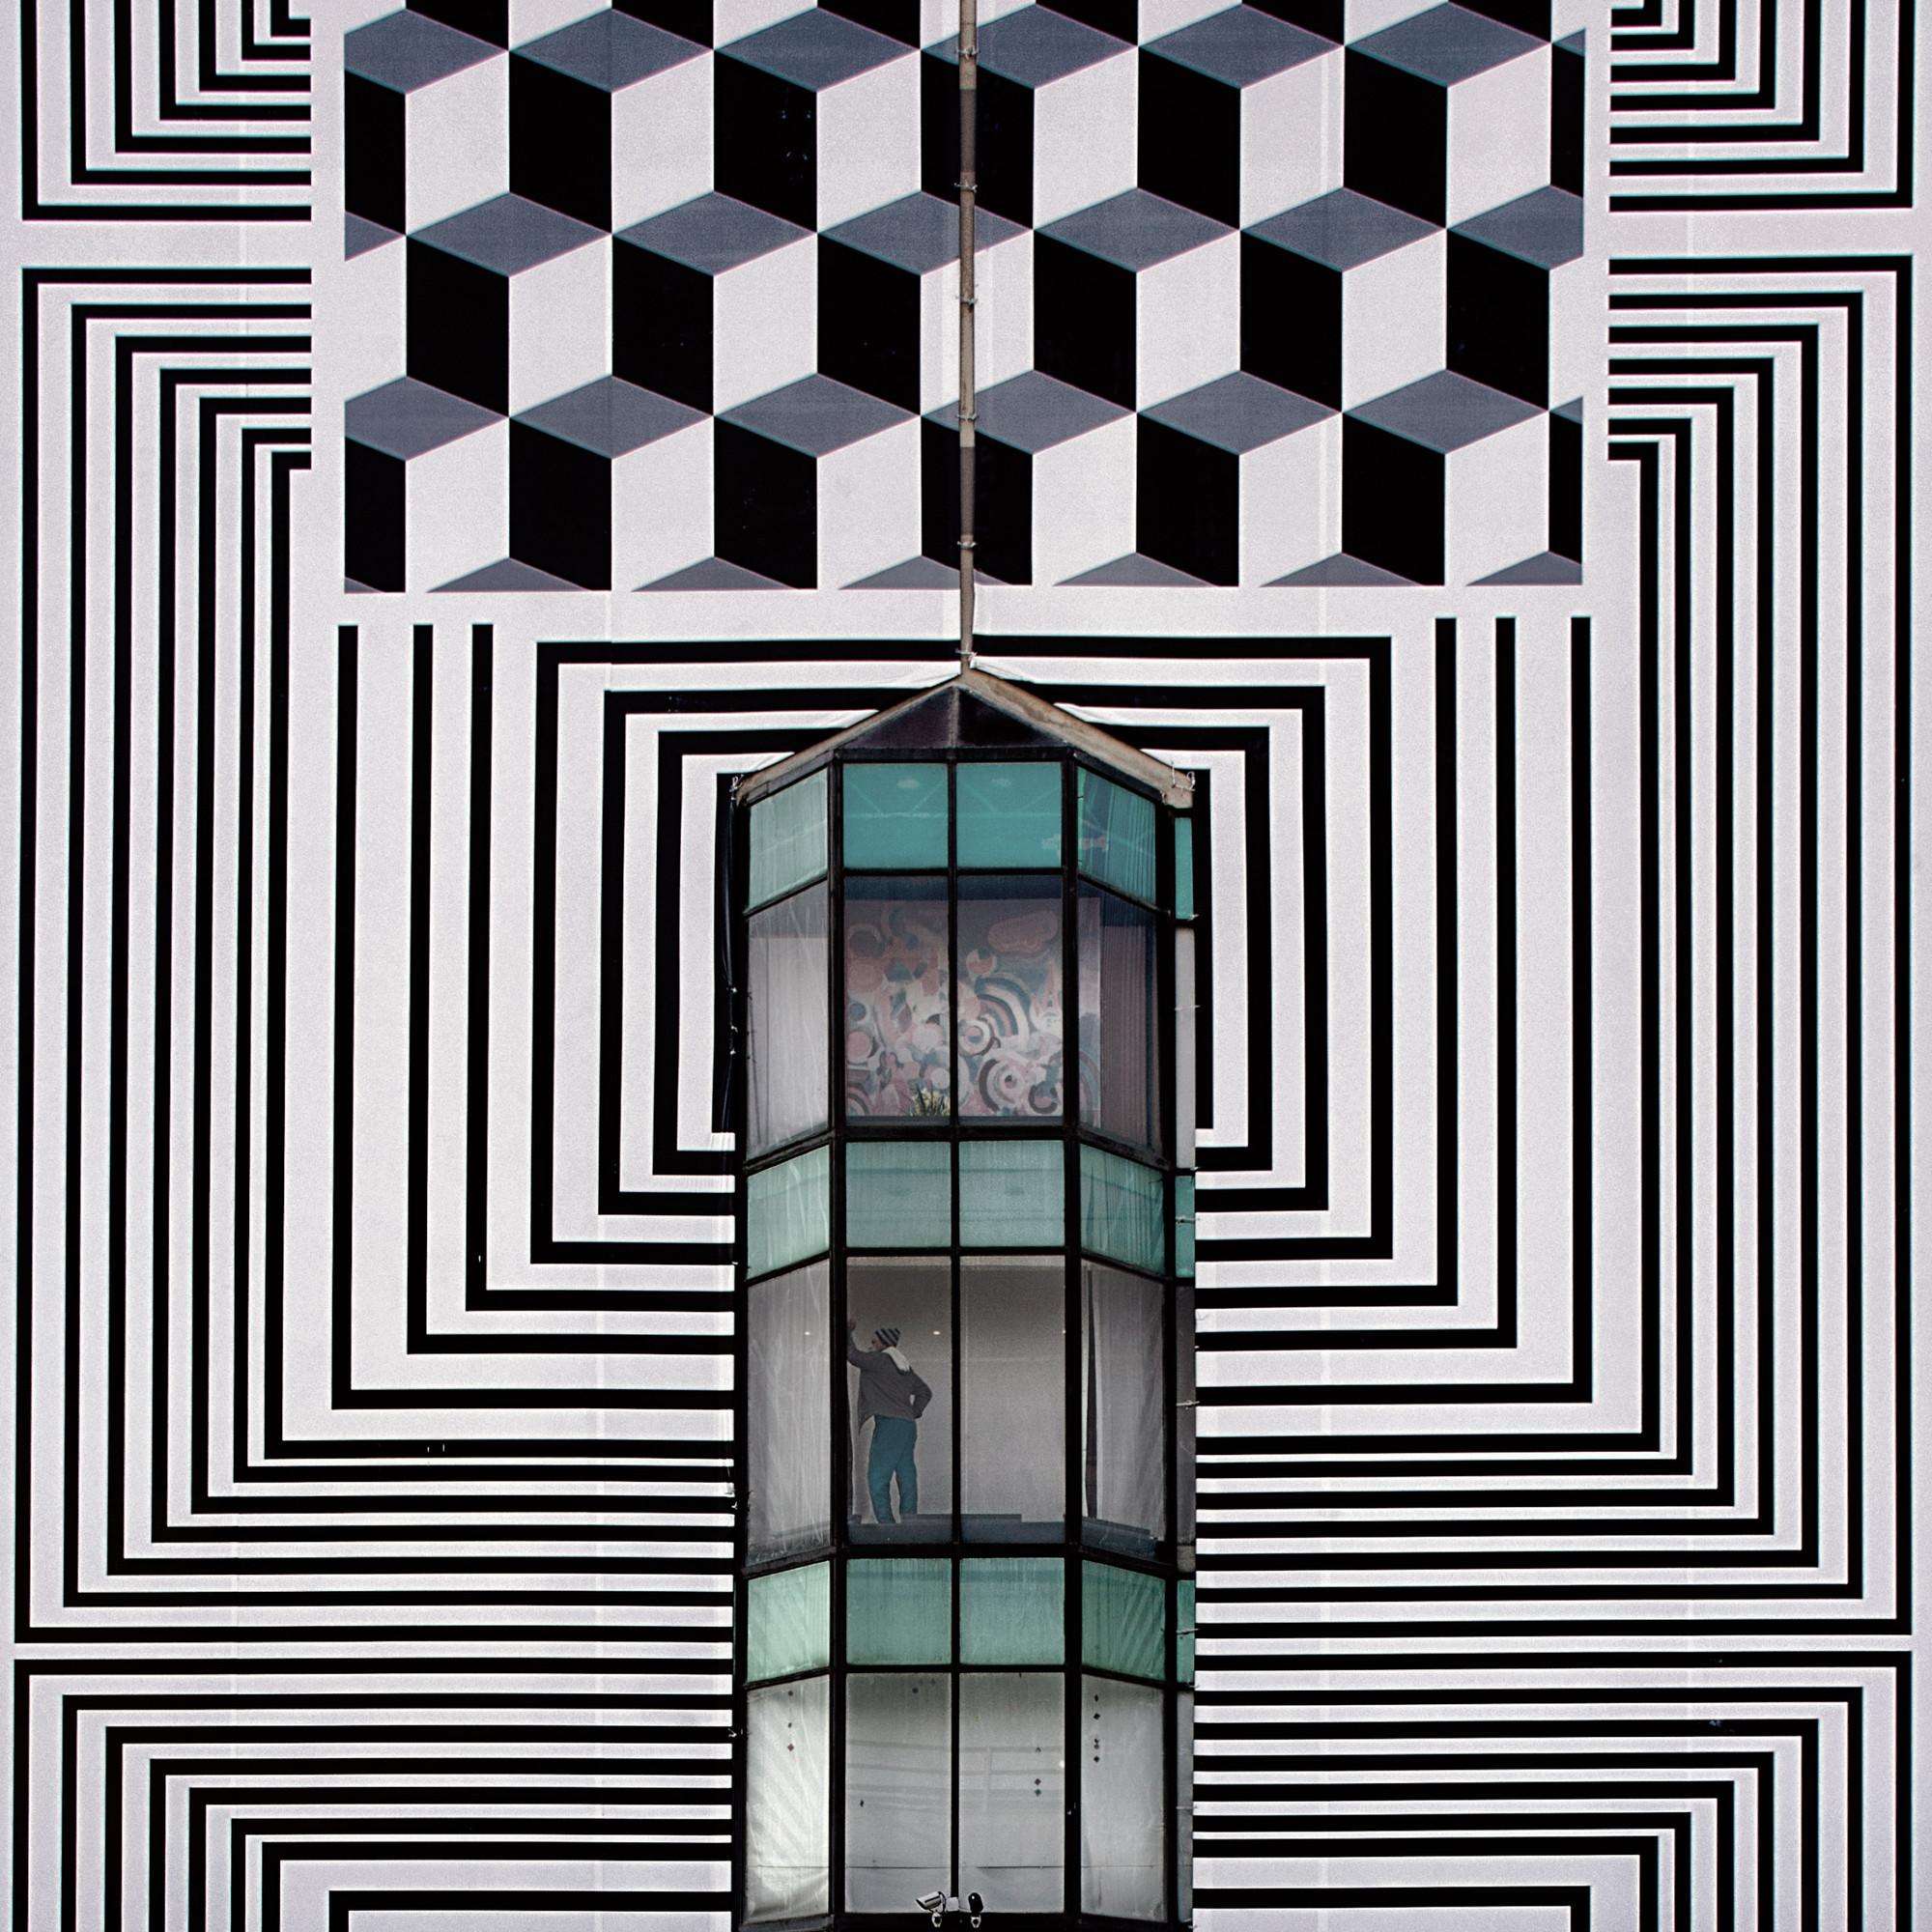 Realidades Abstratas, uma linha estreita entre passado e presente / Serge Najjar, Cortesia de Serge Najjar